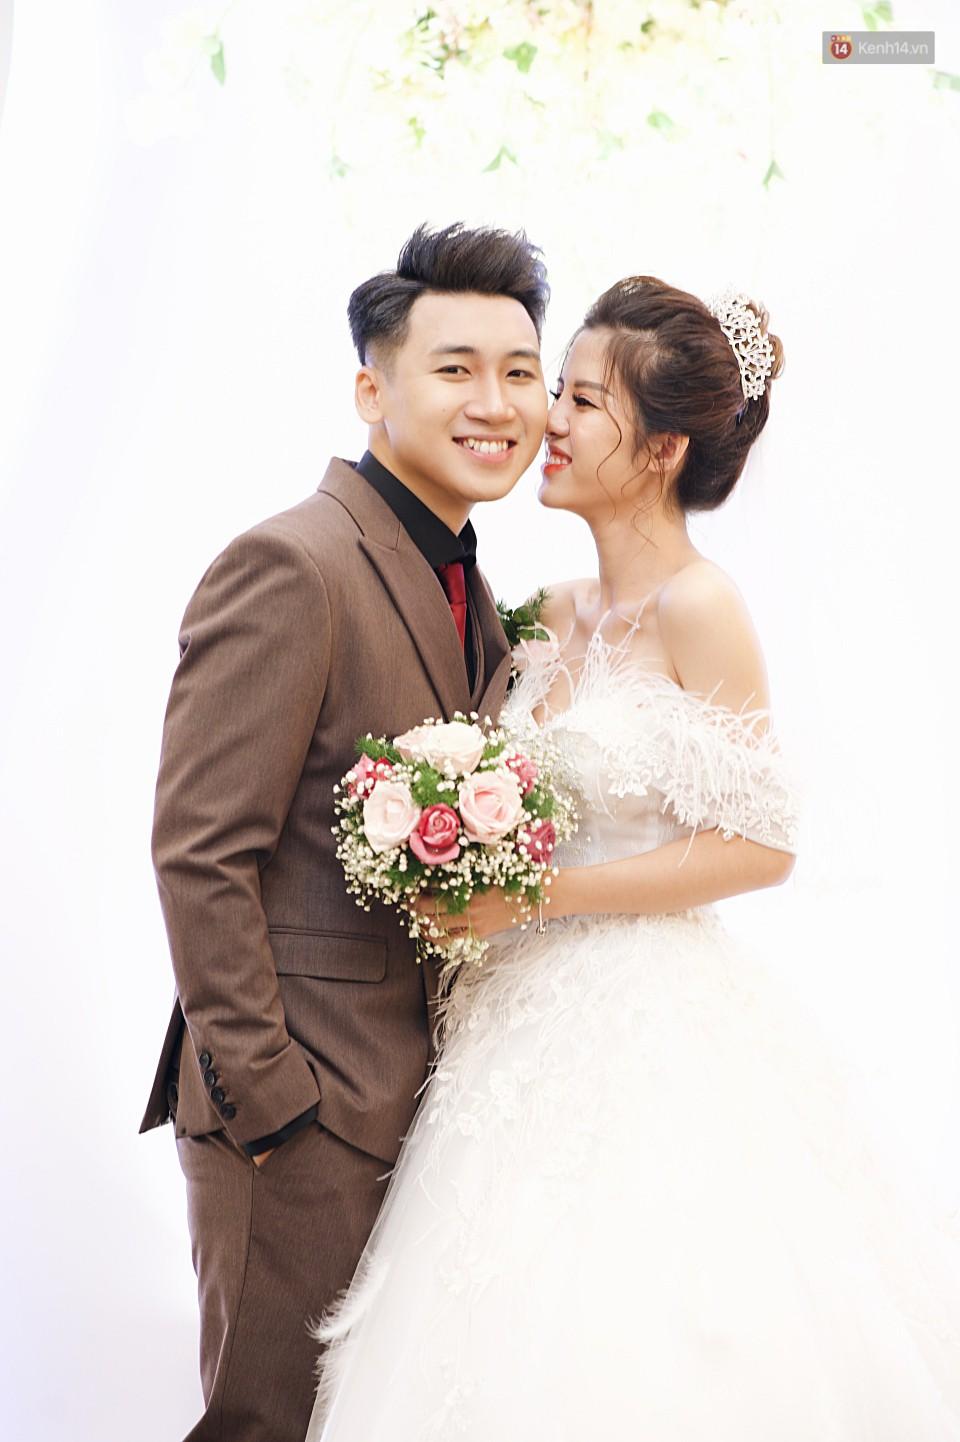 """Vợ Huy Cung mặc áo cưới 200 triệu, bật khóc vì bị chồng tung clip """"nói xấu"""" trước quan viên hai họ 6"""